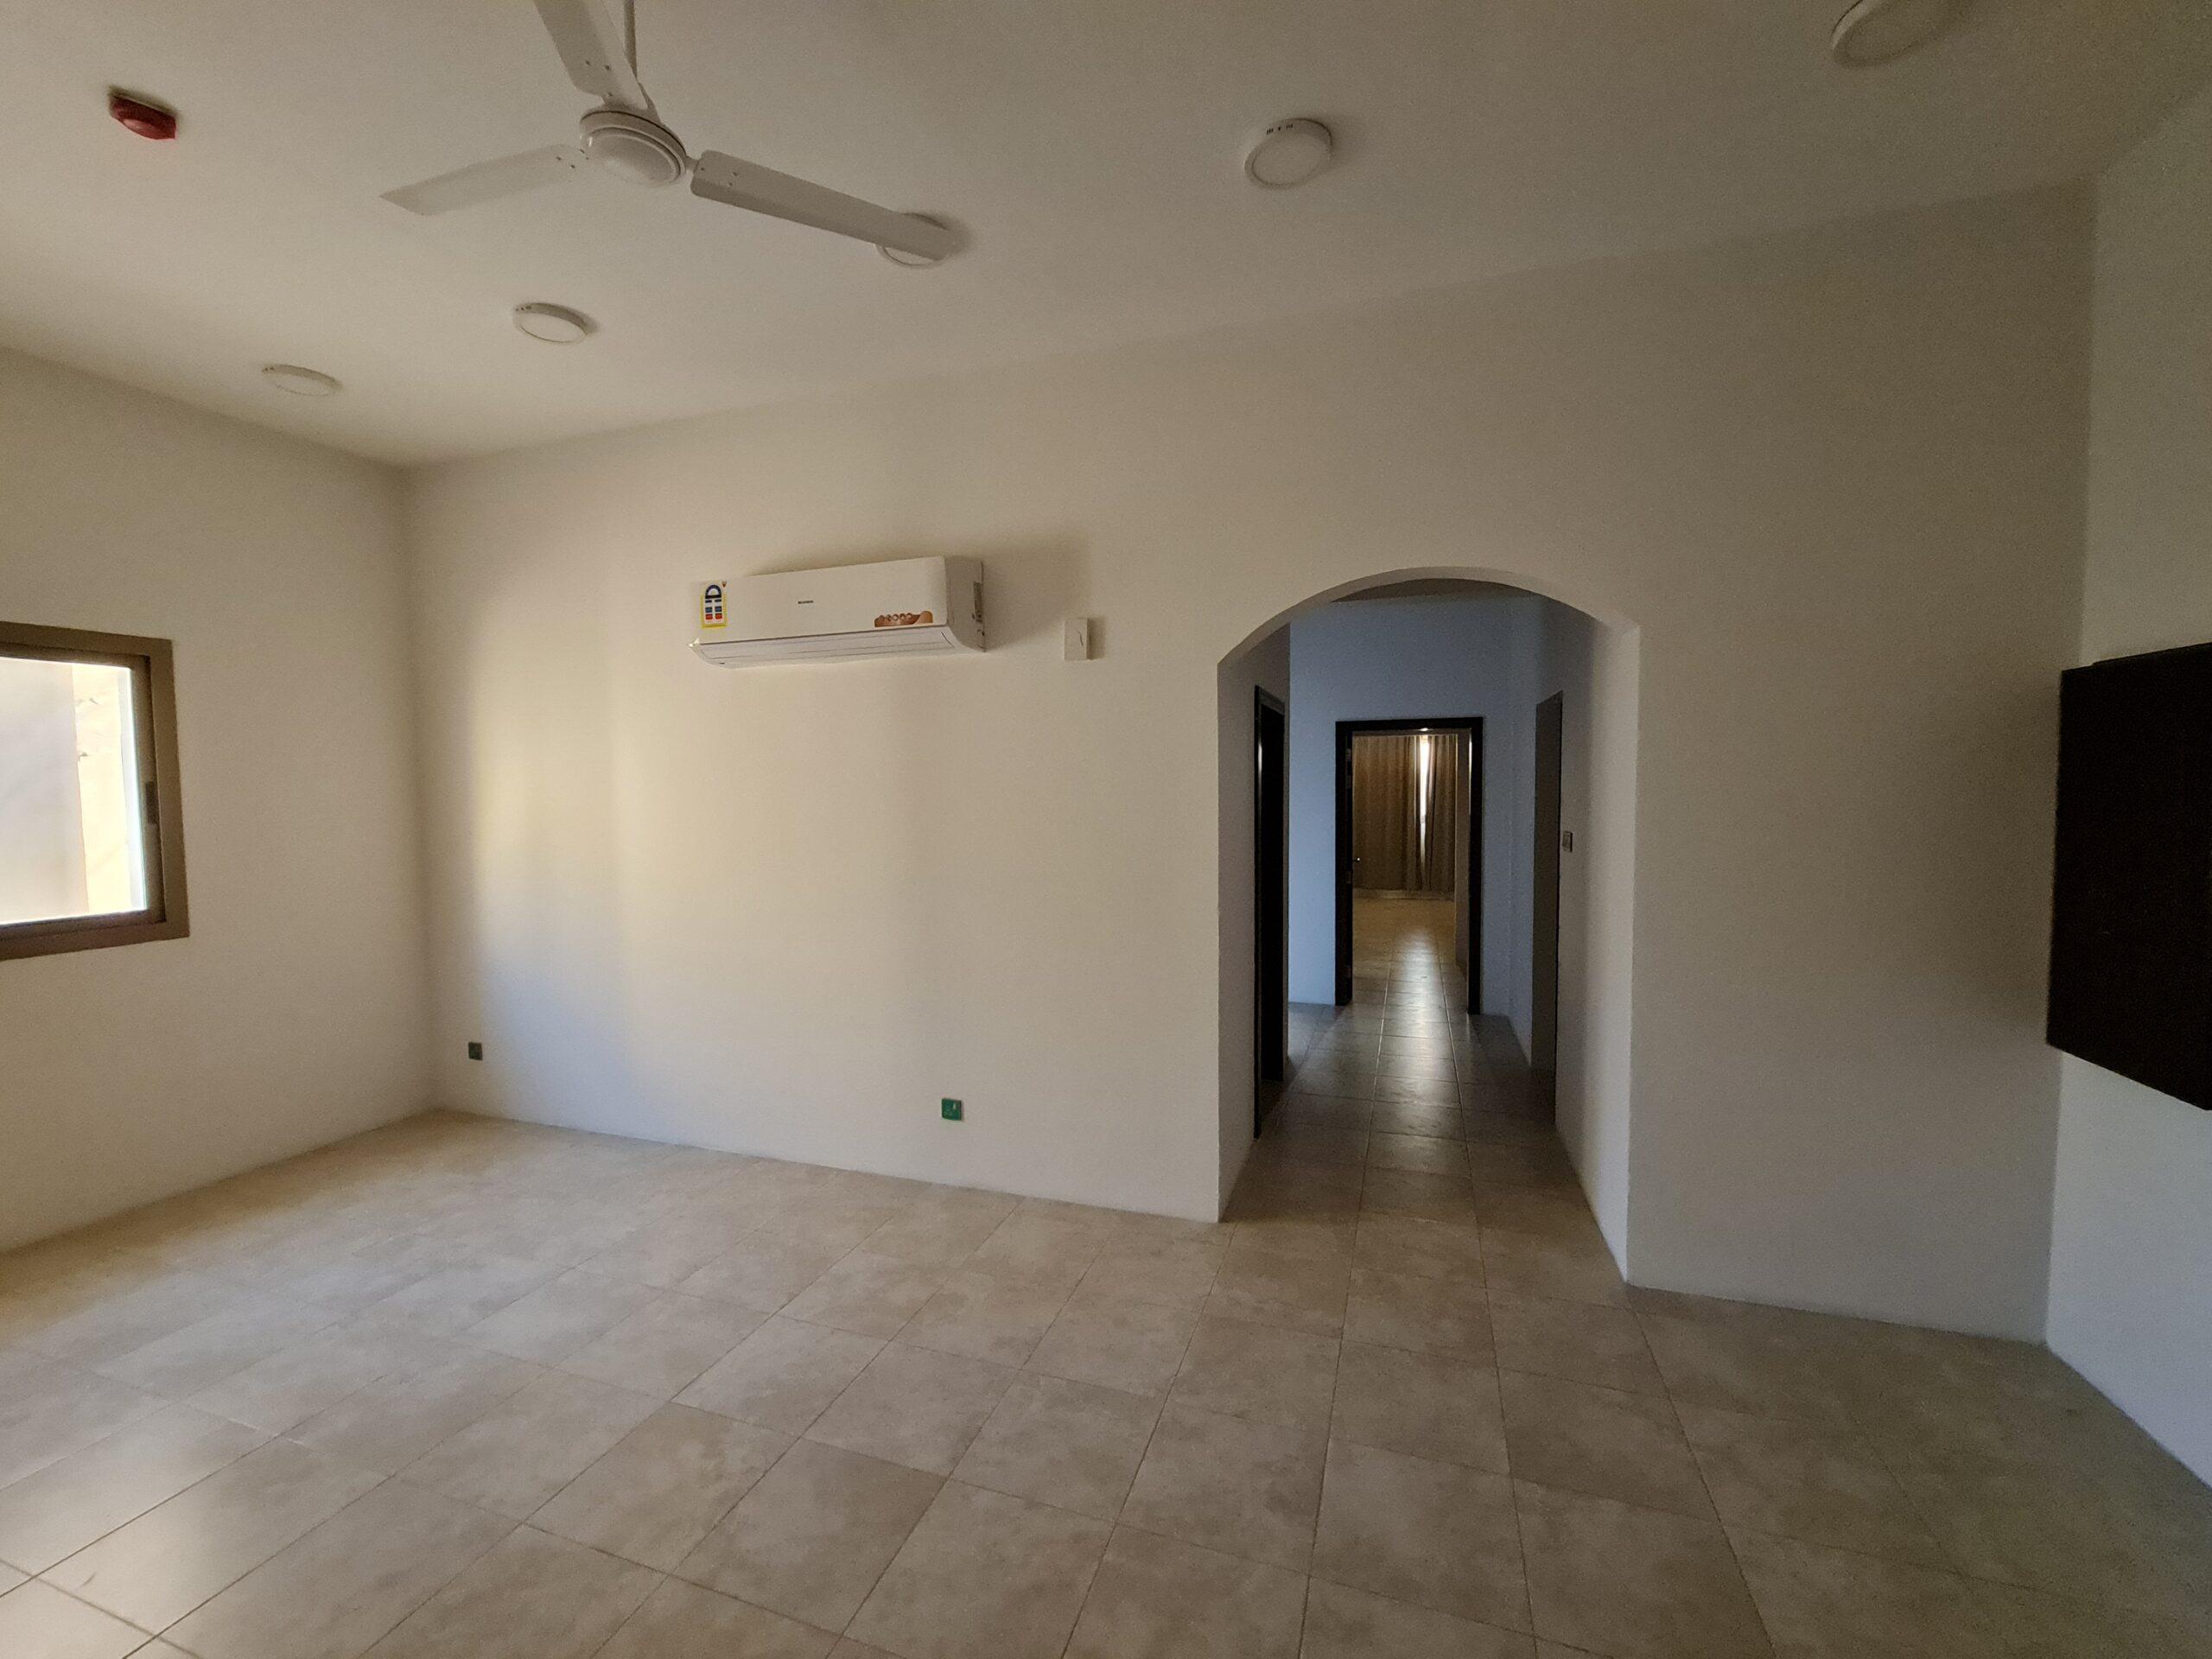 للإيجار شقة سكنية فاخرة نصف مفروشة بمنطقة الزنج قيمة